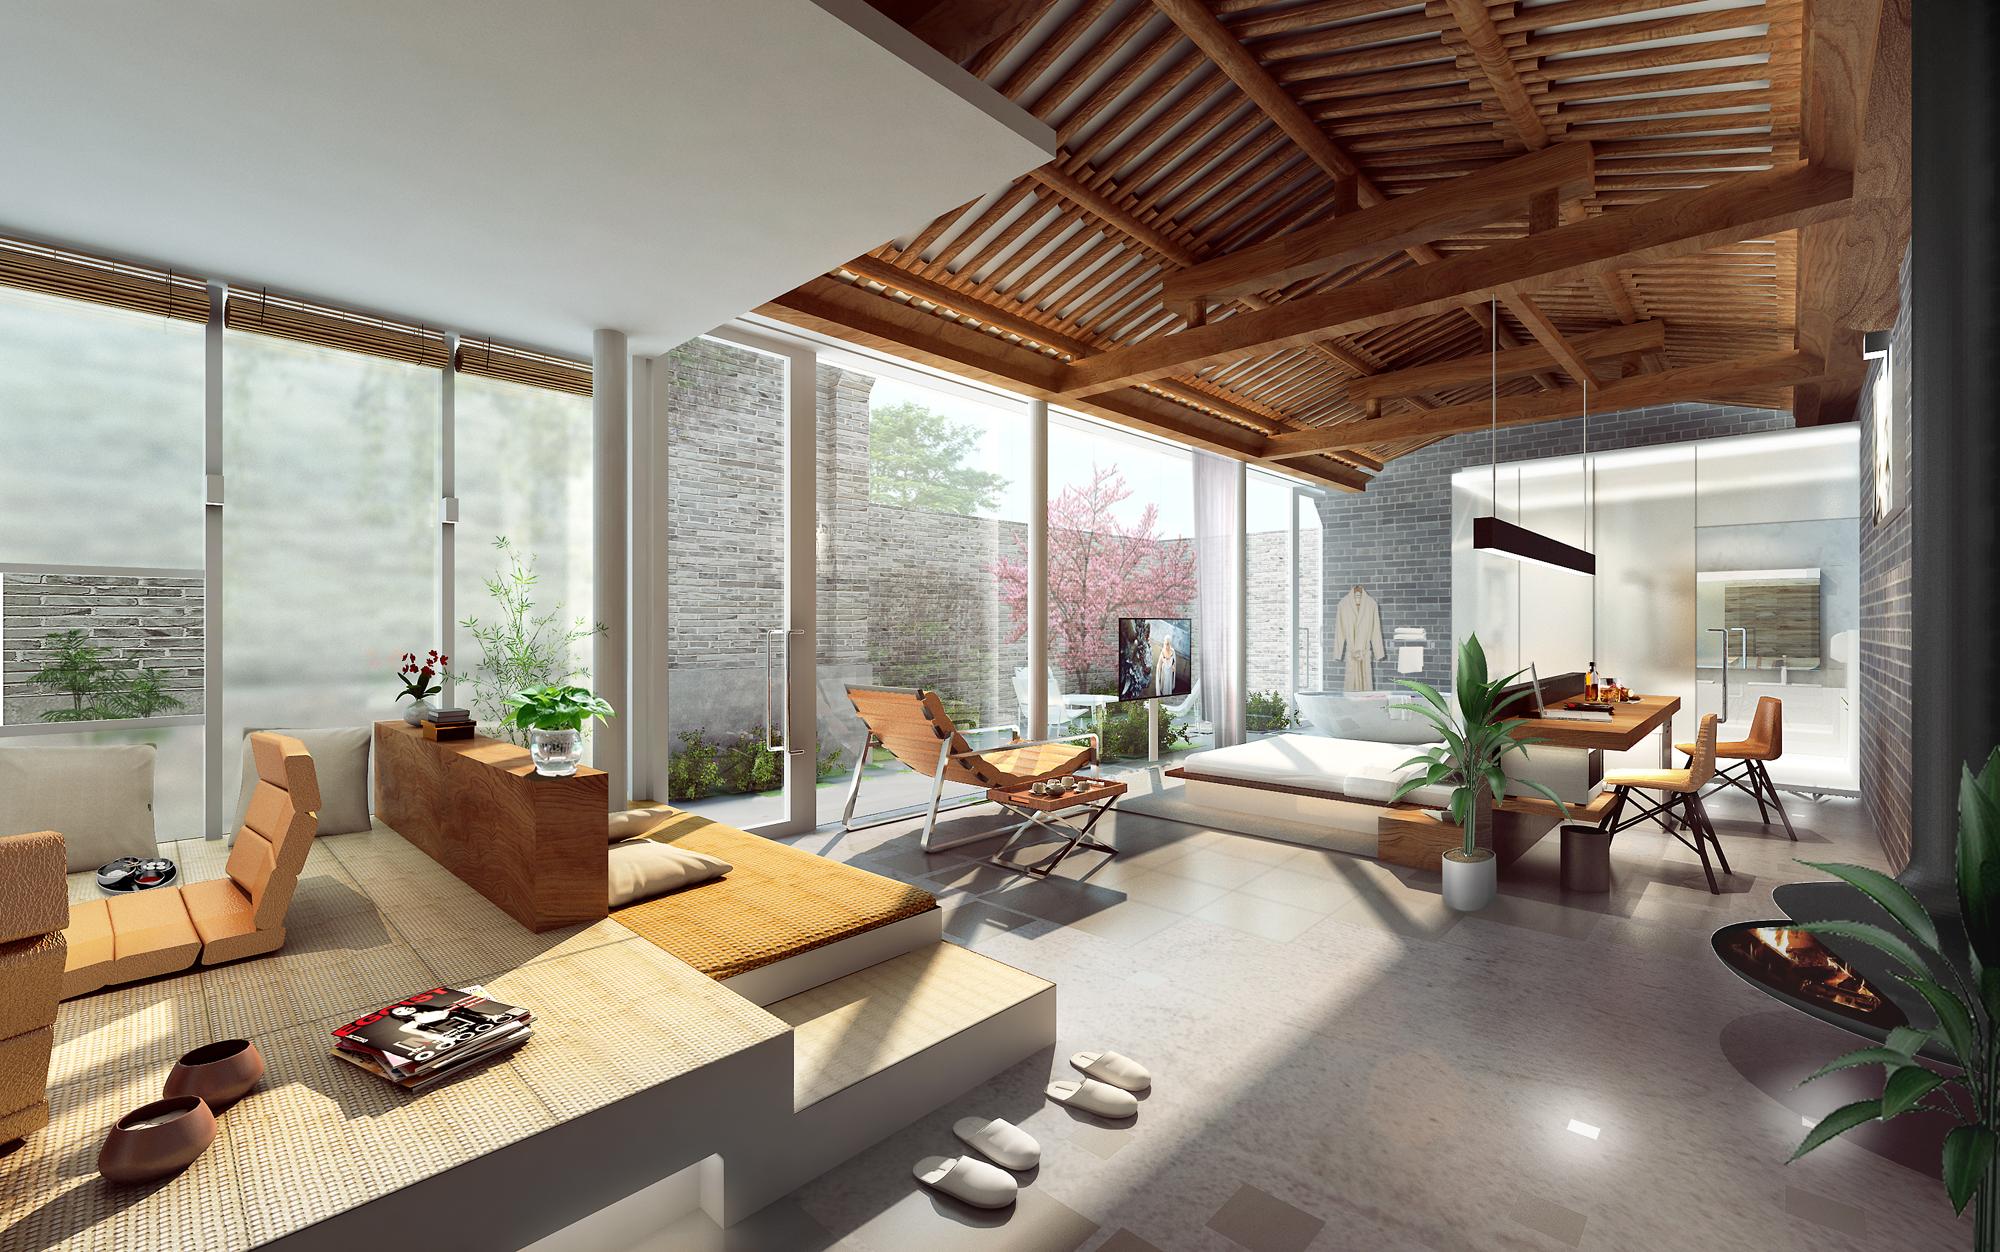 Courtyard B Daylit Interior.jpg